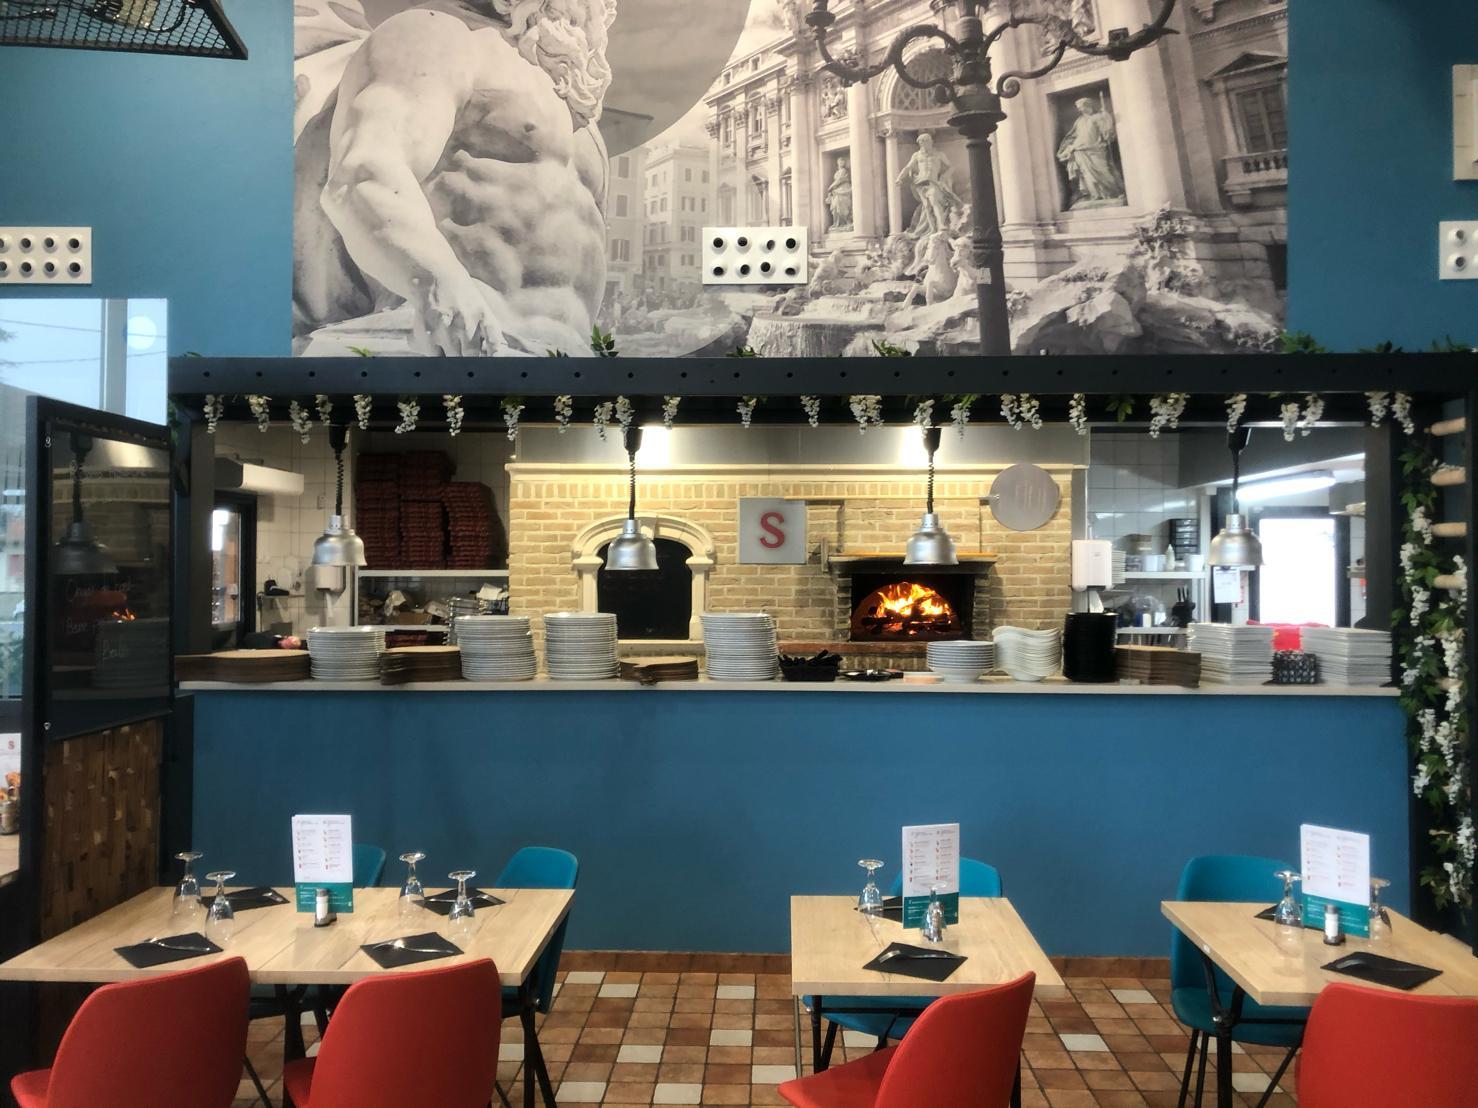 Rénovation de la pizzeria Signorizza à Bergerac, des travaux réalisés en seulement 5 jours par l'entreprise de peinture Marcillac et fils